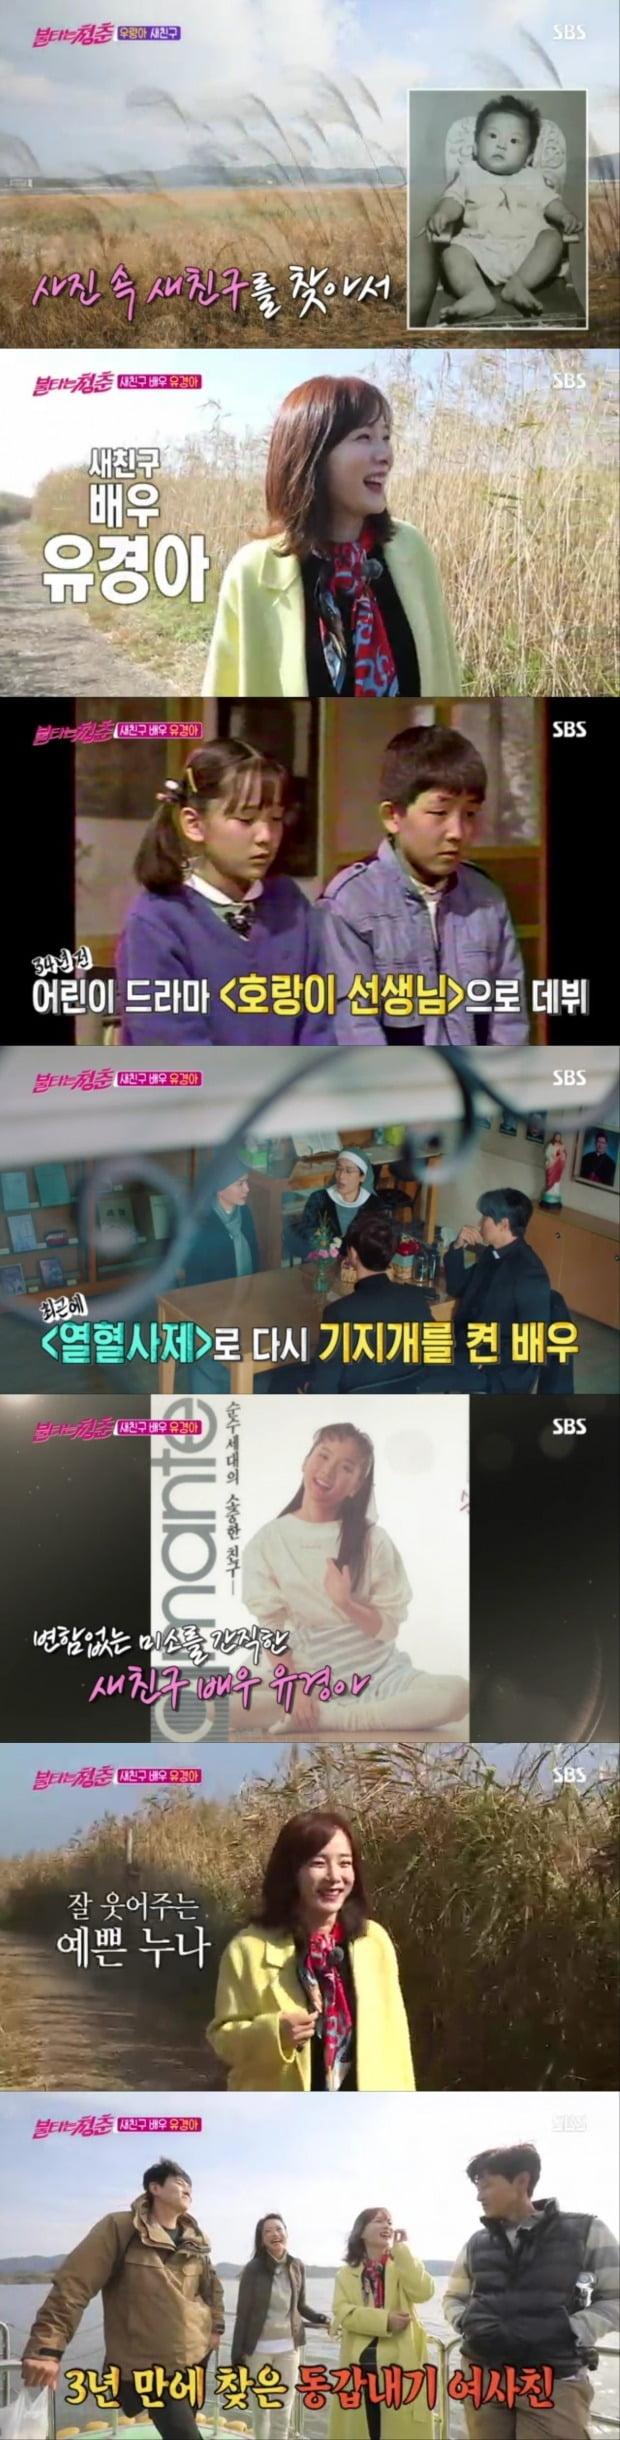 유경아가 '불타는 청춘'의 새 친구로 등장했다. /사진=SBS방송화면 캡처